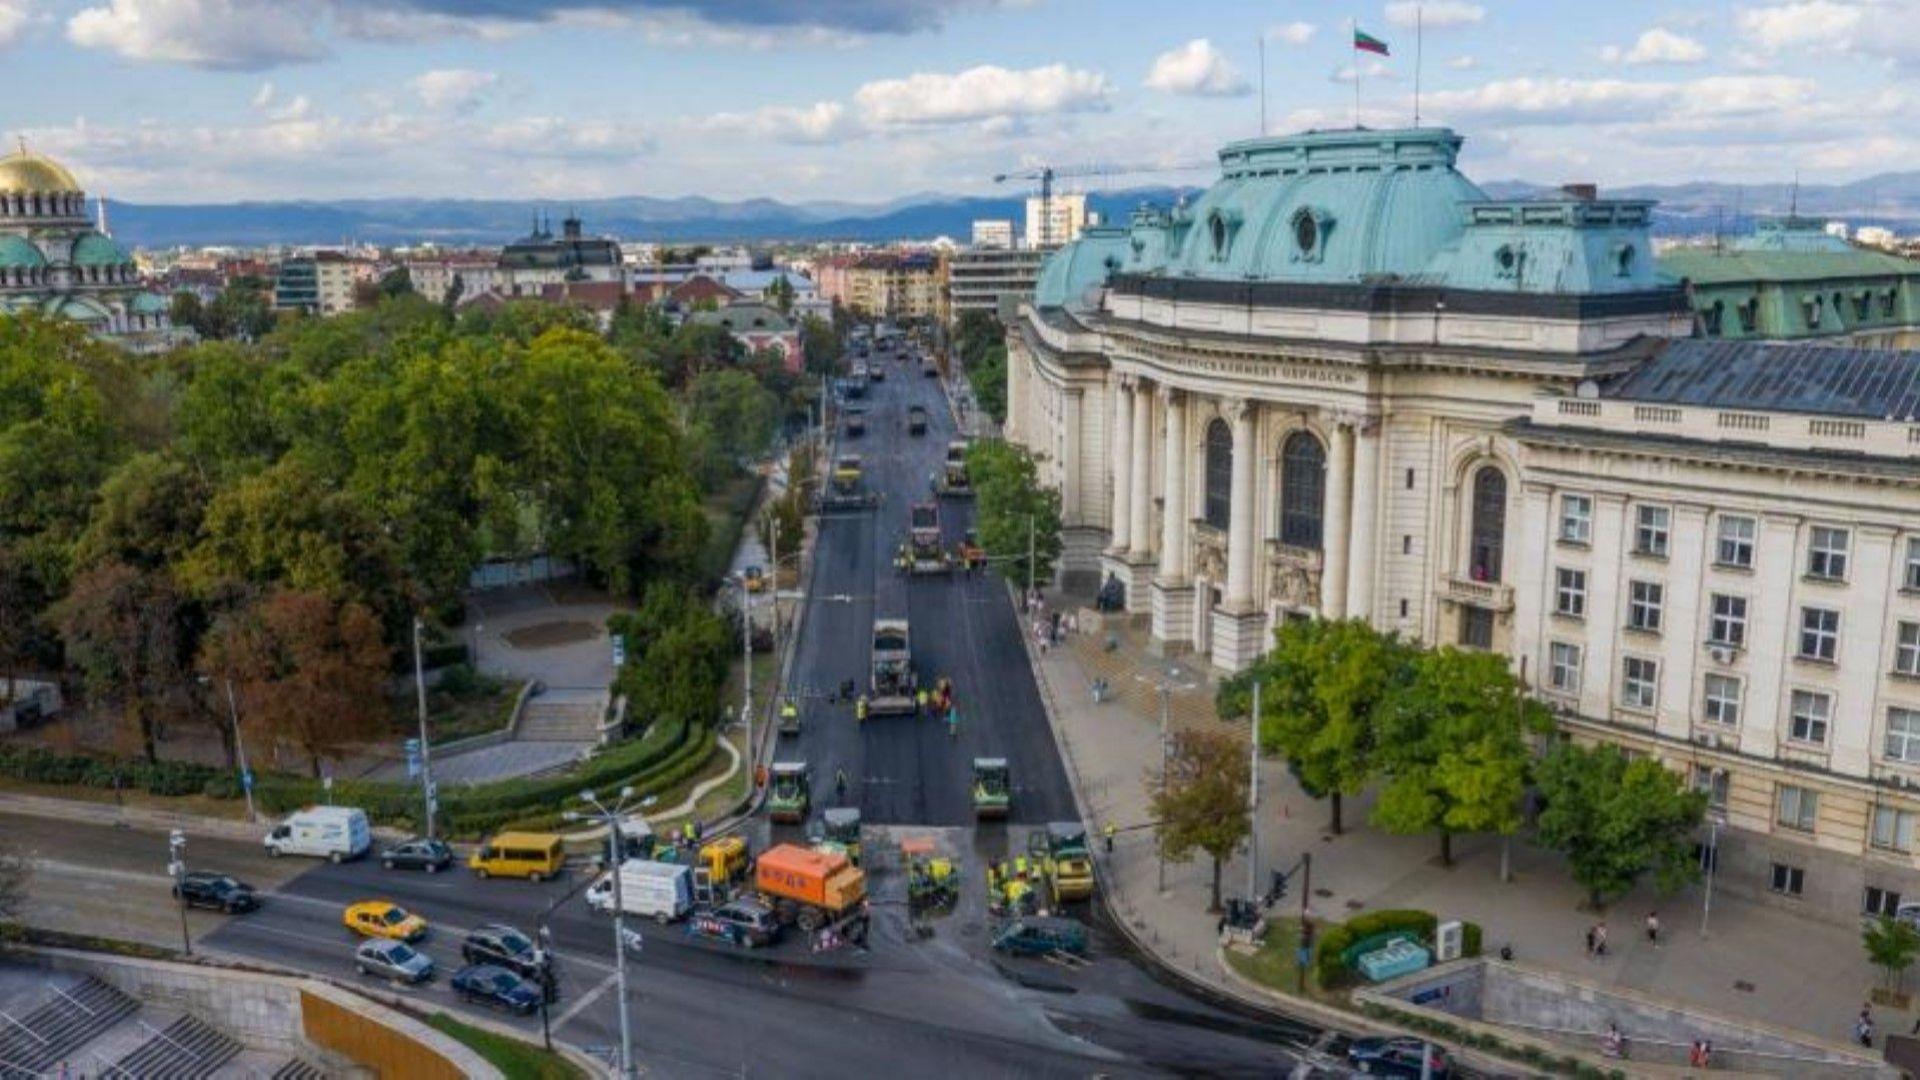 София е 90-а в класация за най-скъпите градове, издига се с 29 места